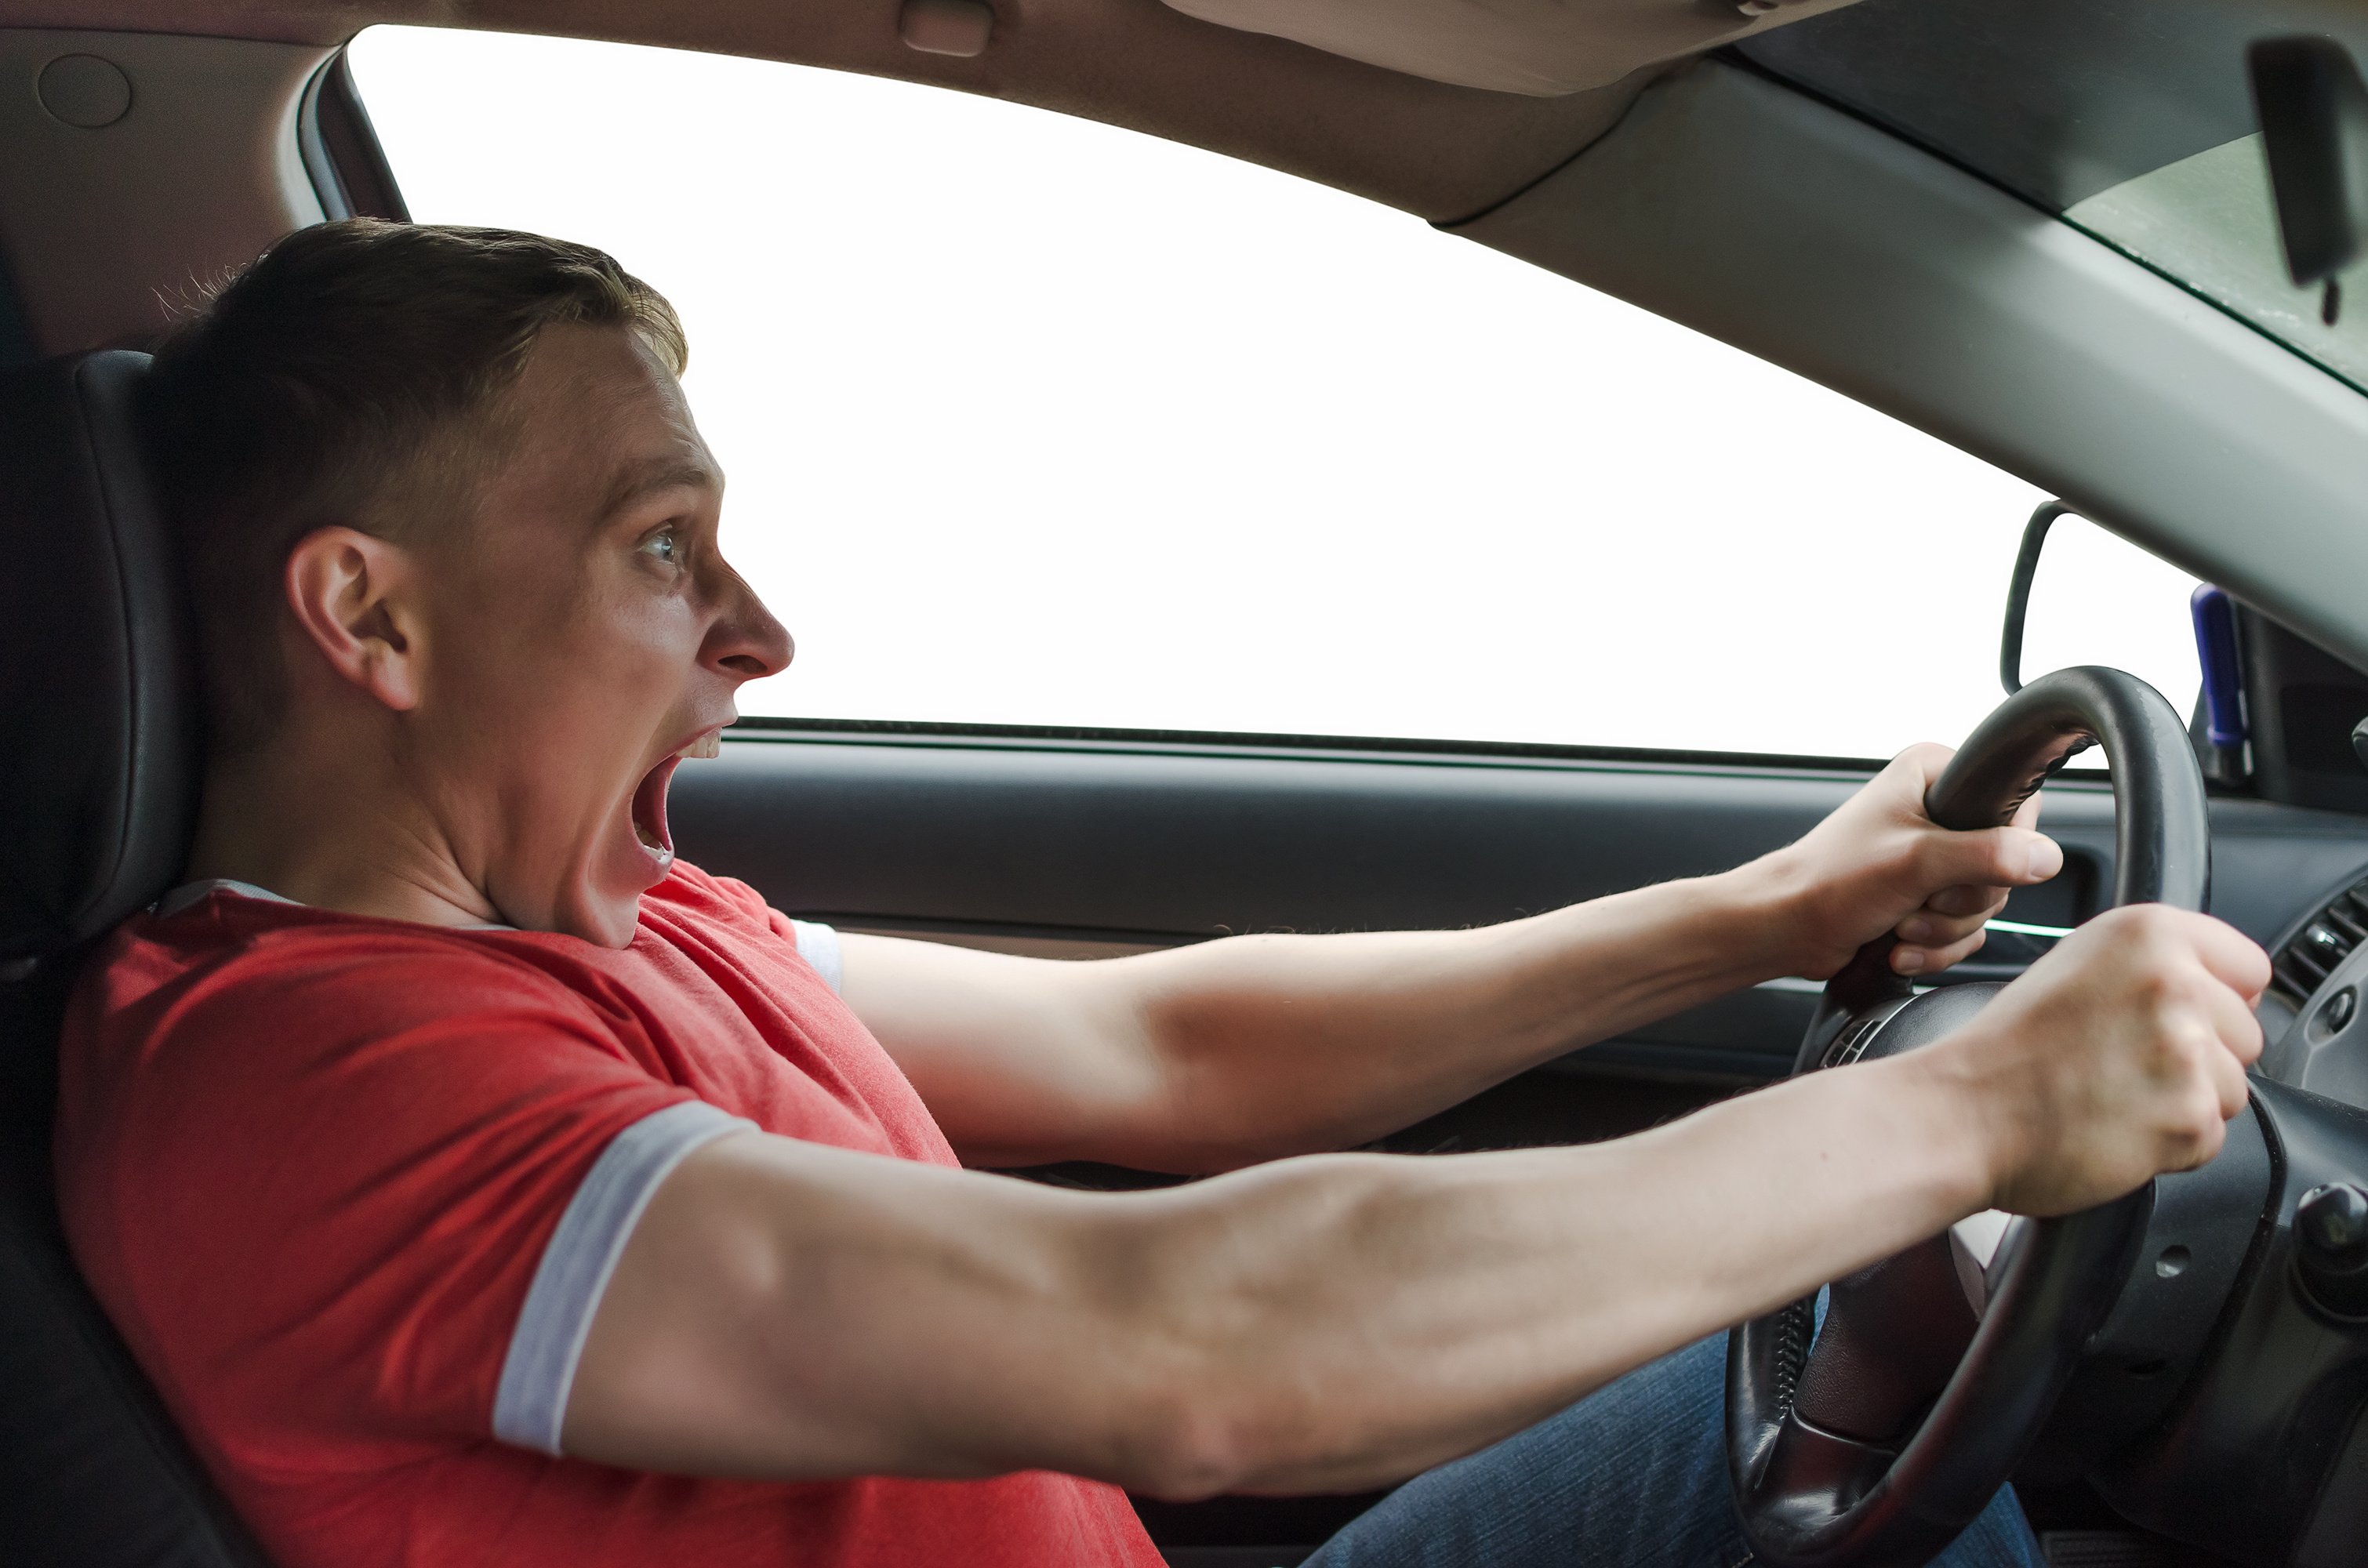 Cette étude d'analyse du stress au volant, menée dans les règles de l'art identifie un nouveau type de stress, celui de « l'accélération » (Visuel Adobe Stock 208658907)